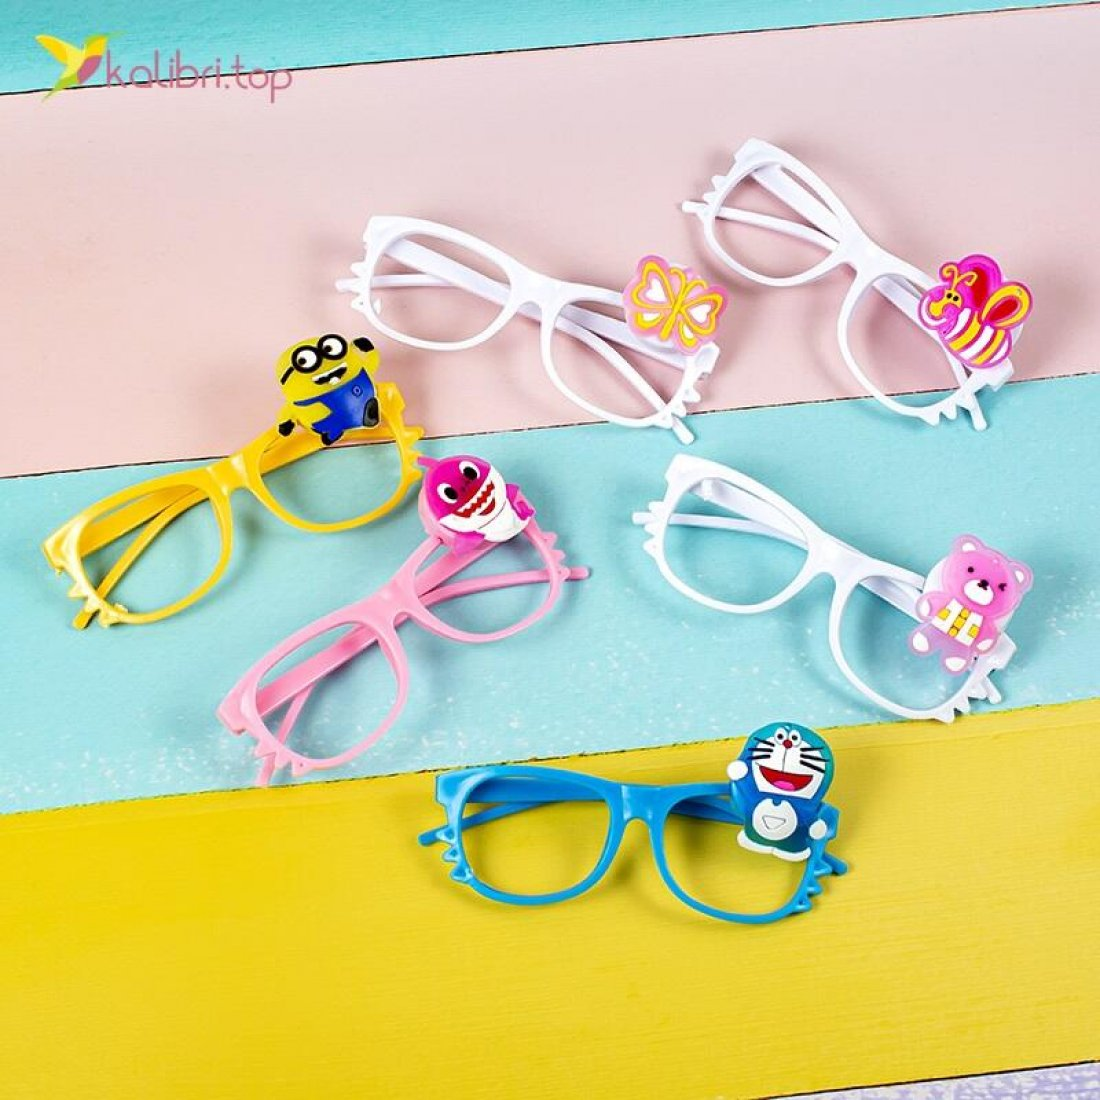 Купить светодиодные очки Микс мультяшек оптом фото 017